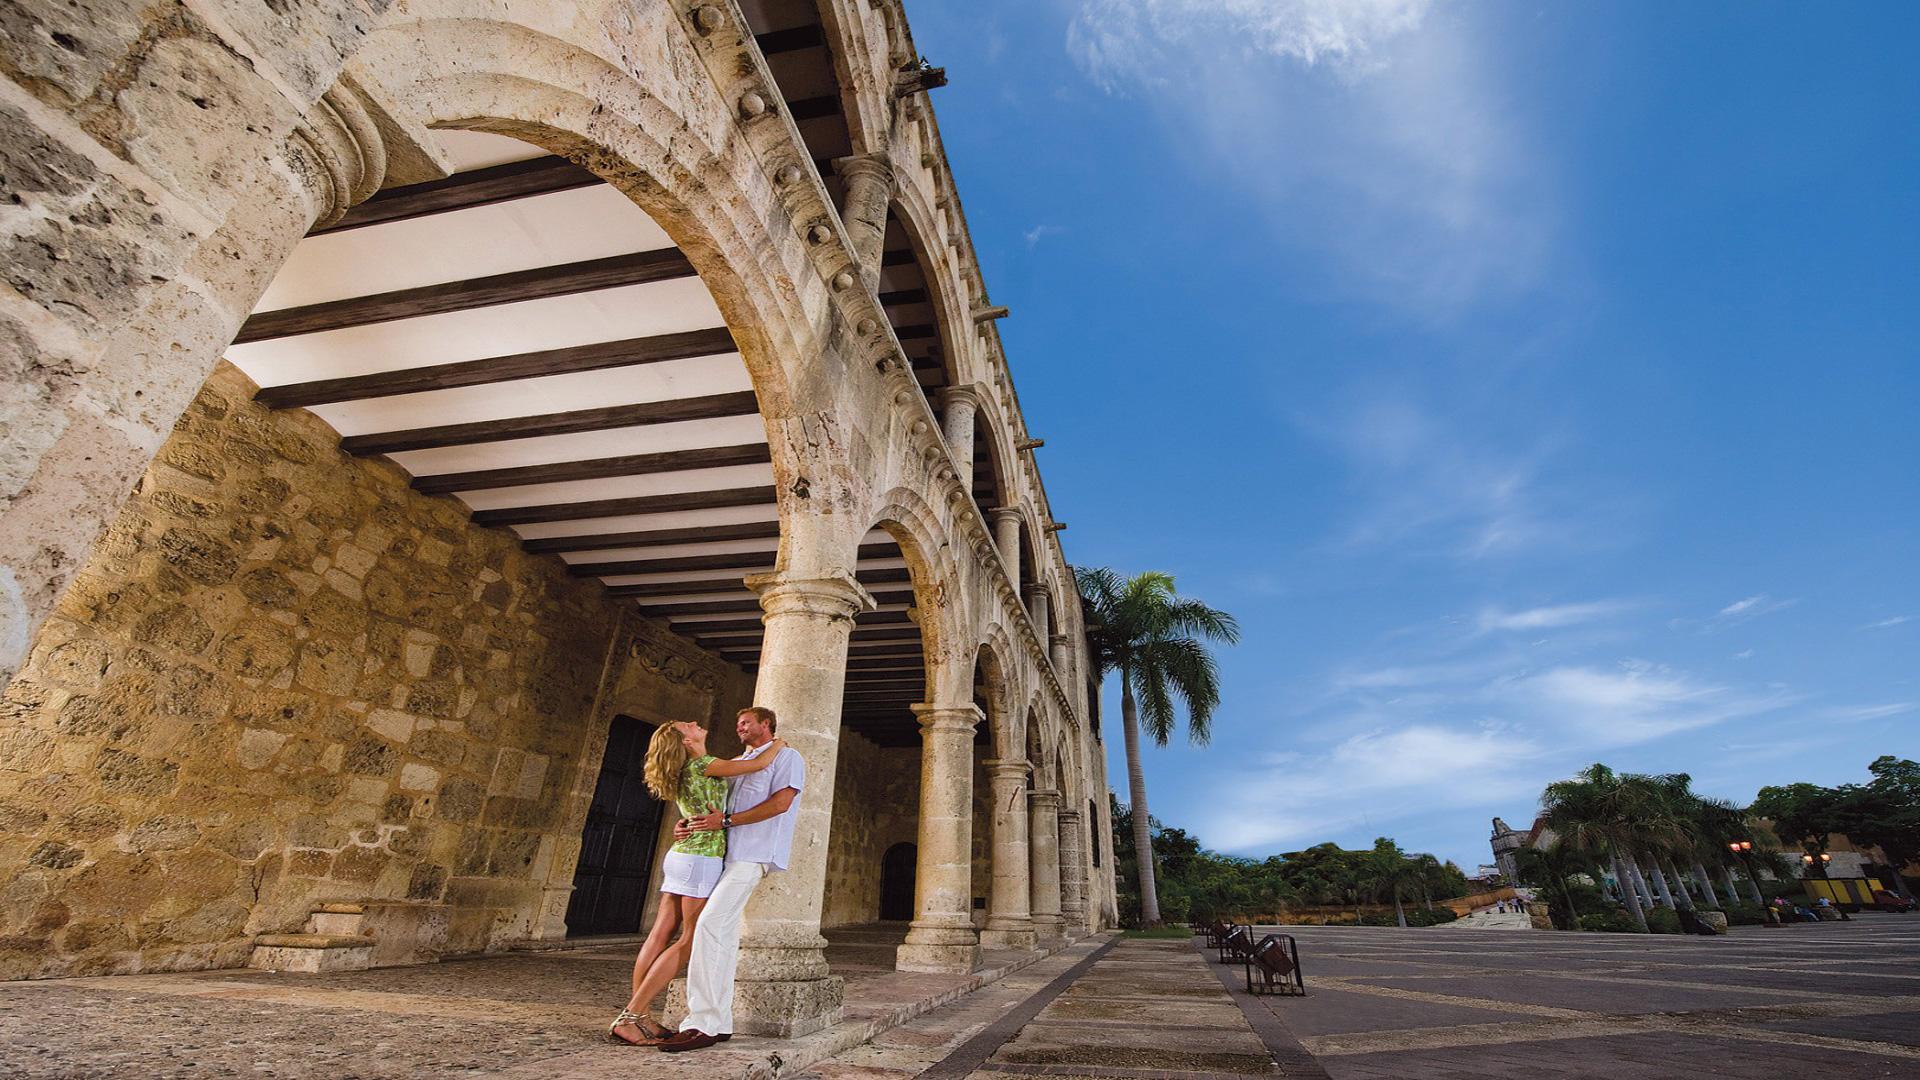 Private Jet Charter to Santo Domingo